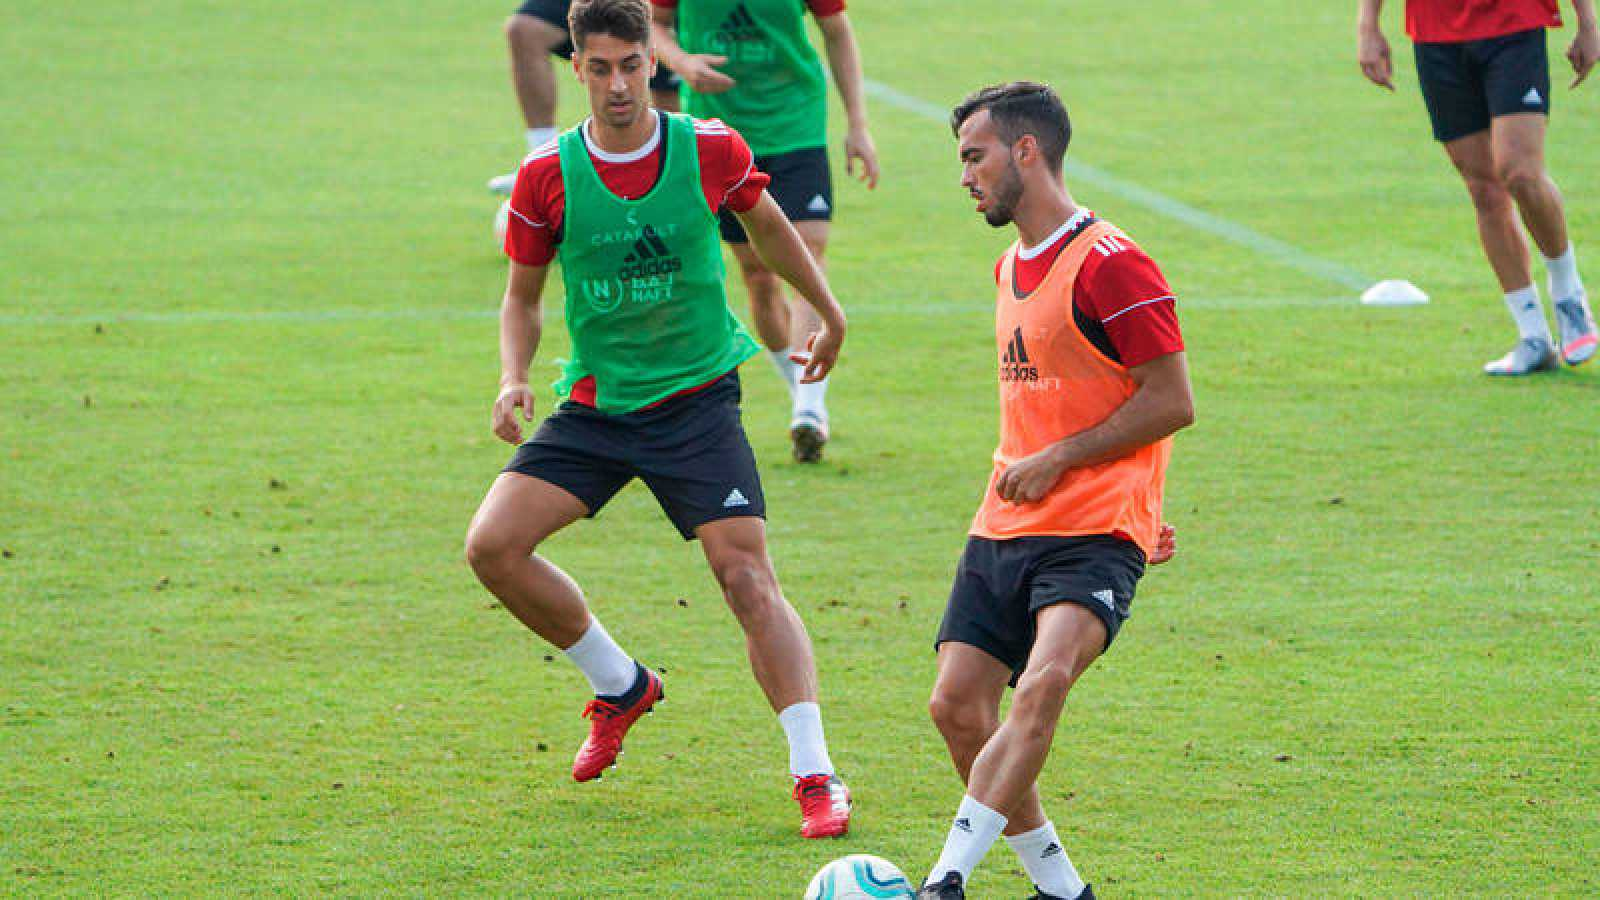 La UD Almería, entrenando